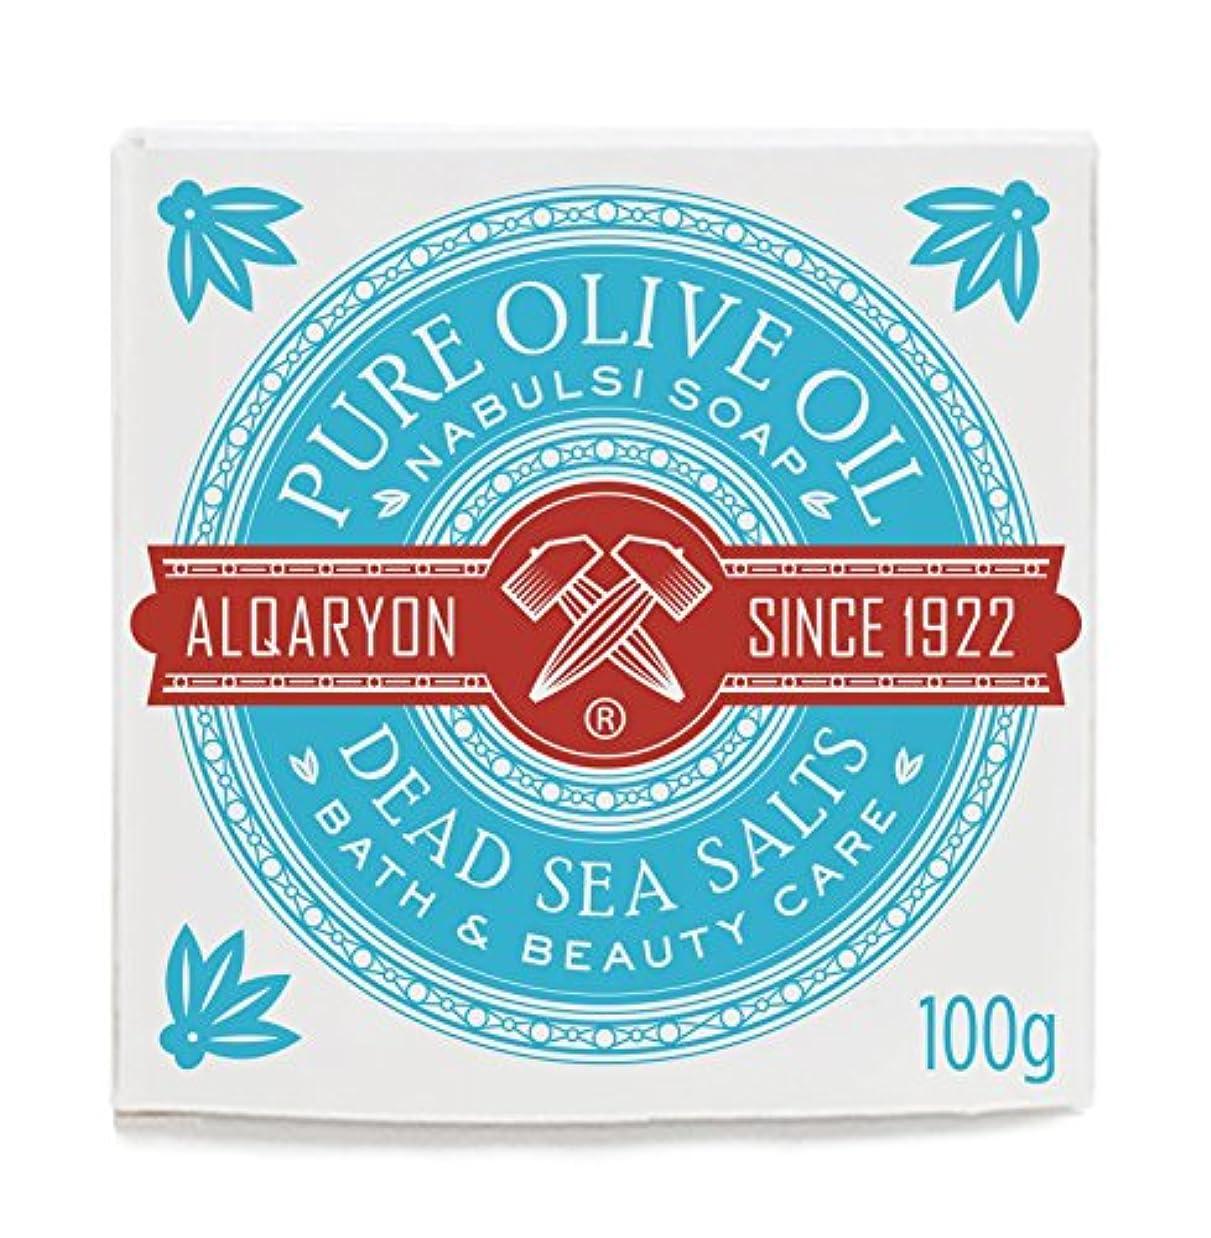 勇者裸担当者Alqaryon Dead Sea Salts & Olive Oil Bar Soap, Pack of 4 Bars 100g- Alqaryonの死海で取れる塩&オリーブオイル ソープ、バス & ビューティー ケア...